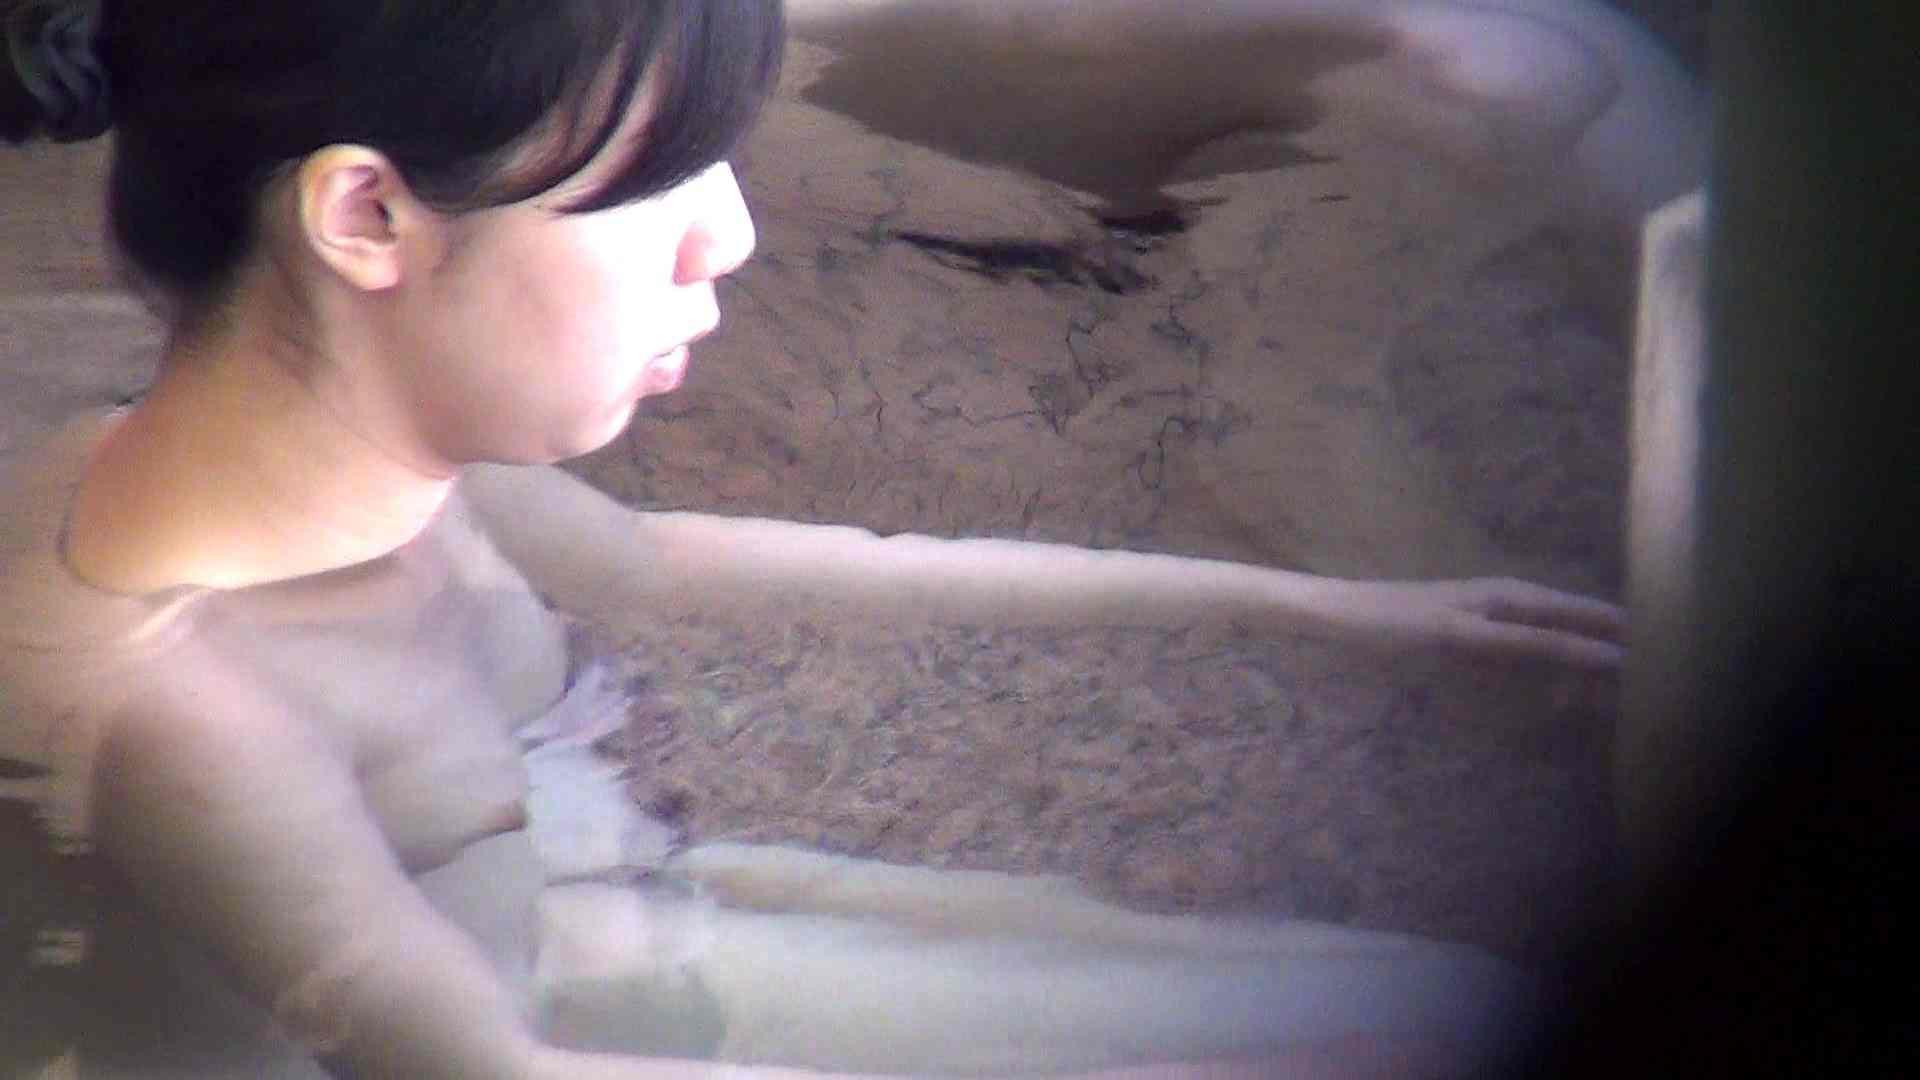 Aquaな露天風呂Vol.285 OLすけべ画像 SEX無修正画像 97連発 92